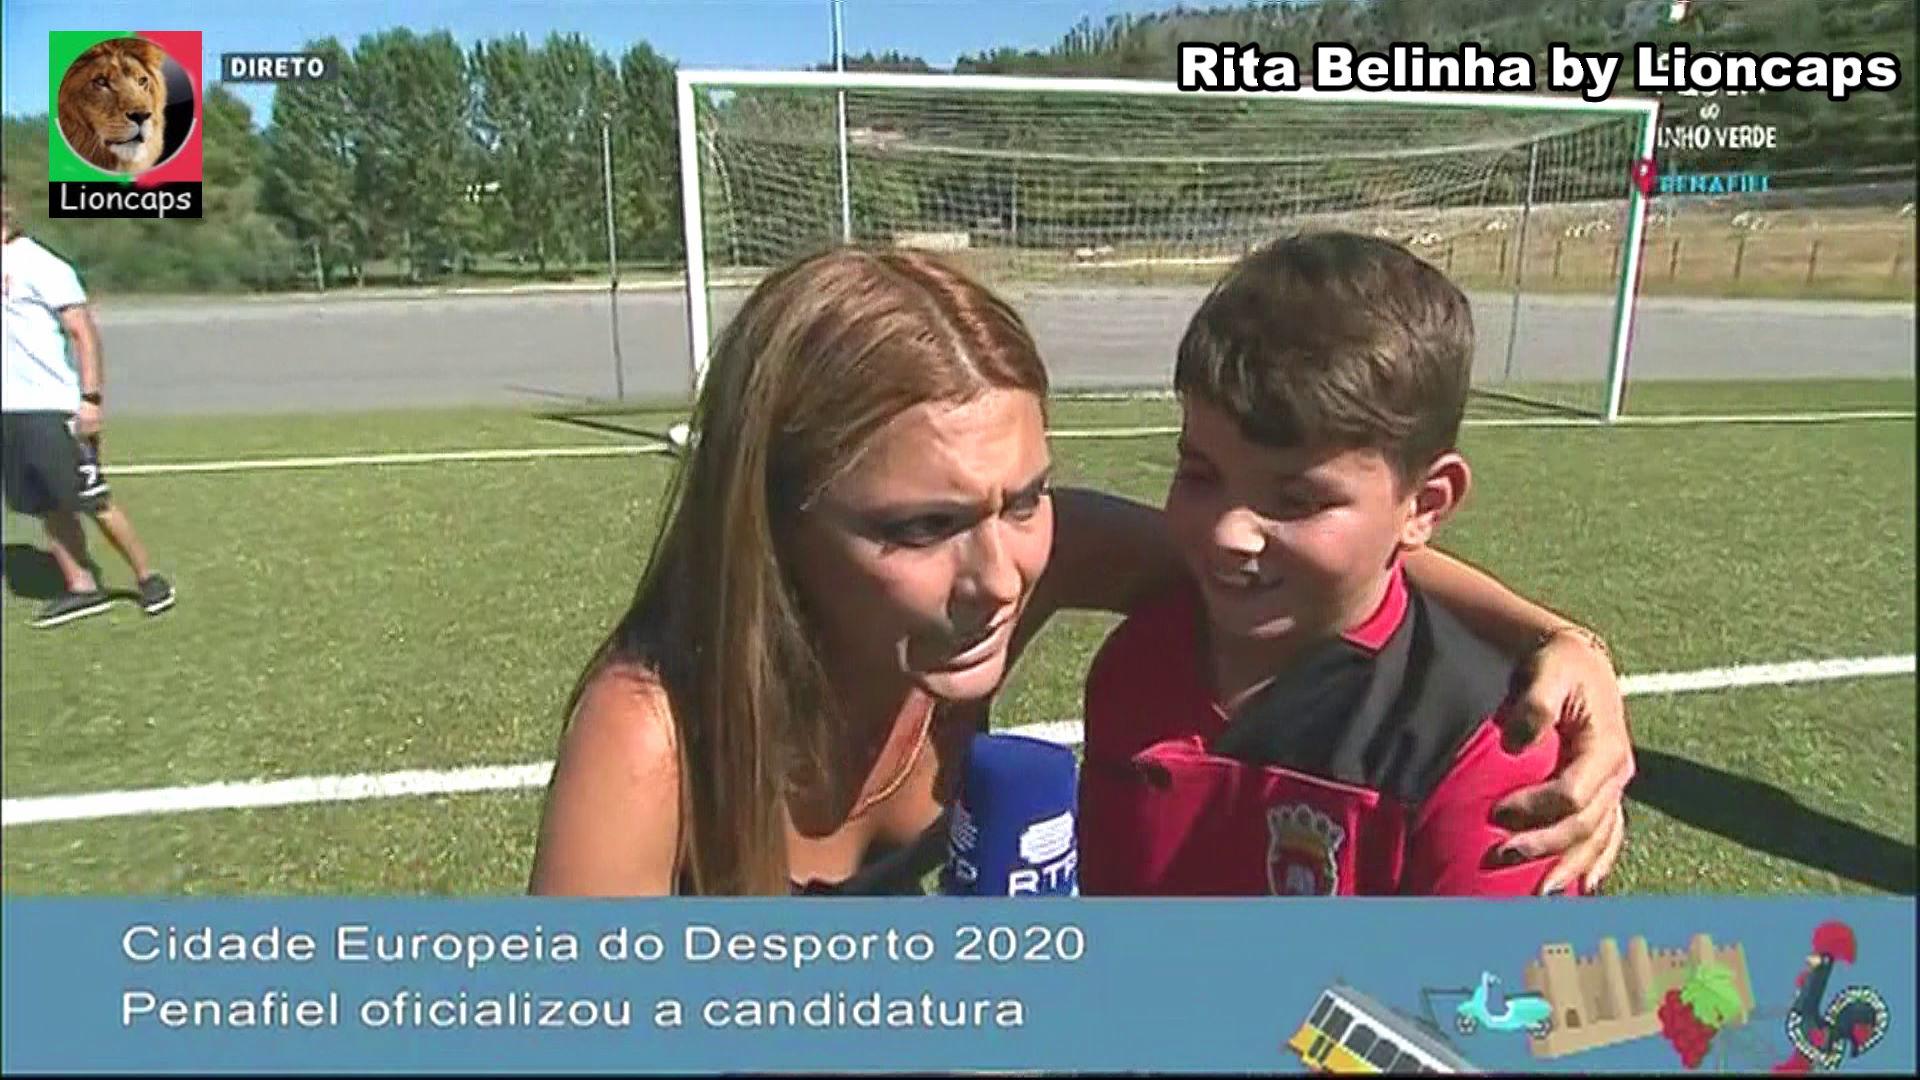 869796196_rita_belinha_vs181215_0287_122_160lo.JPG